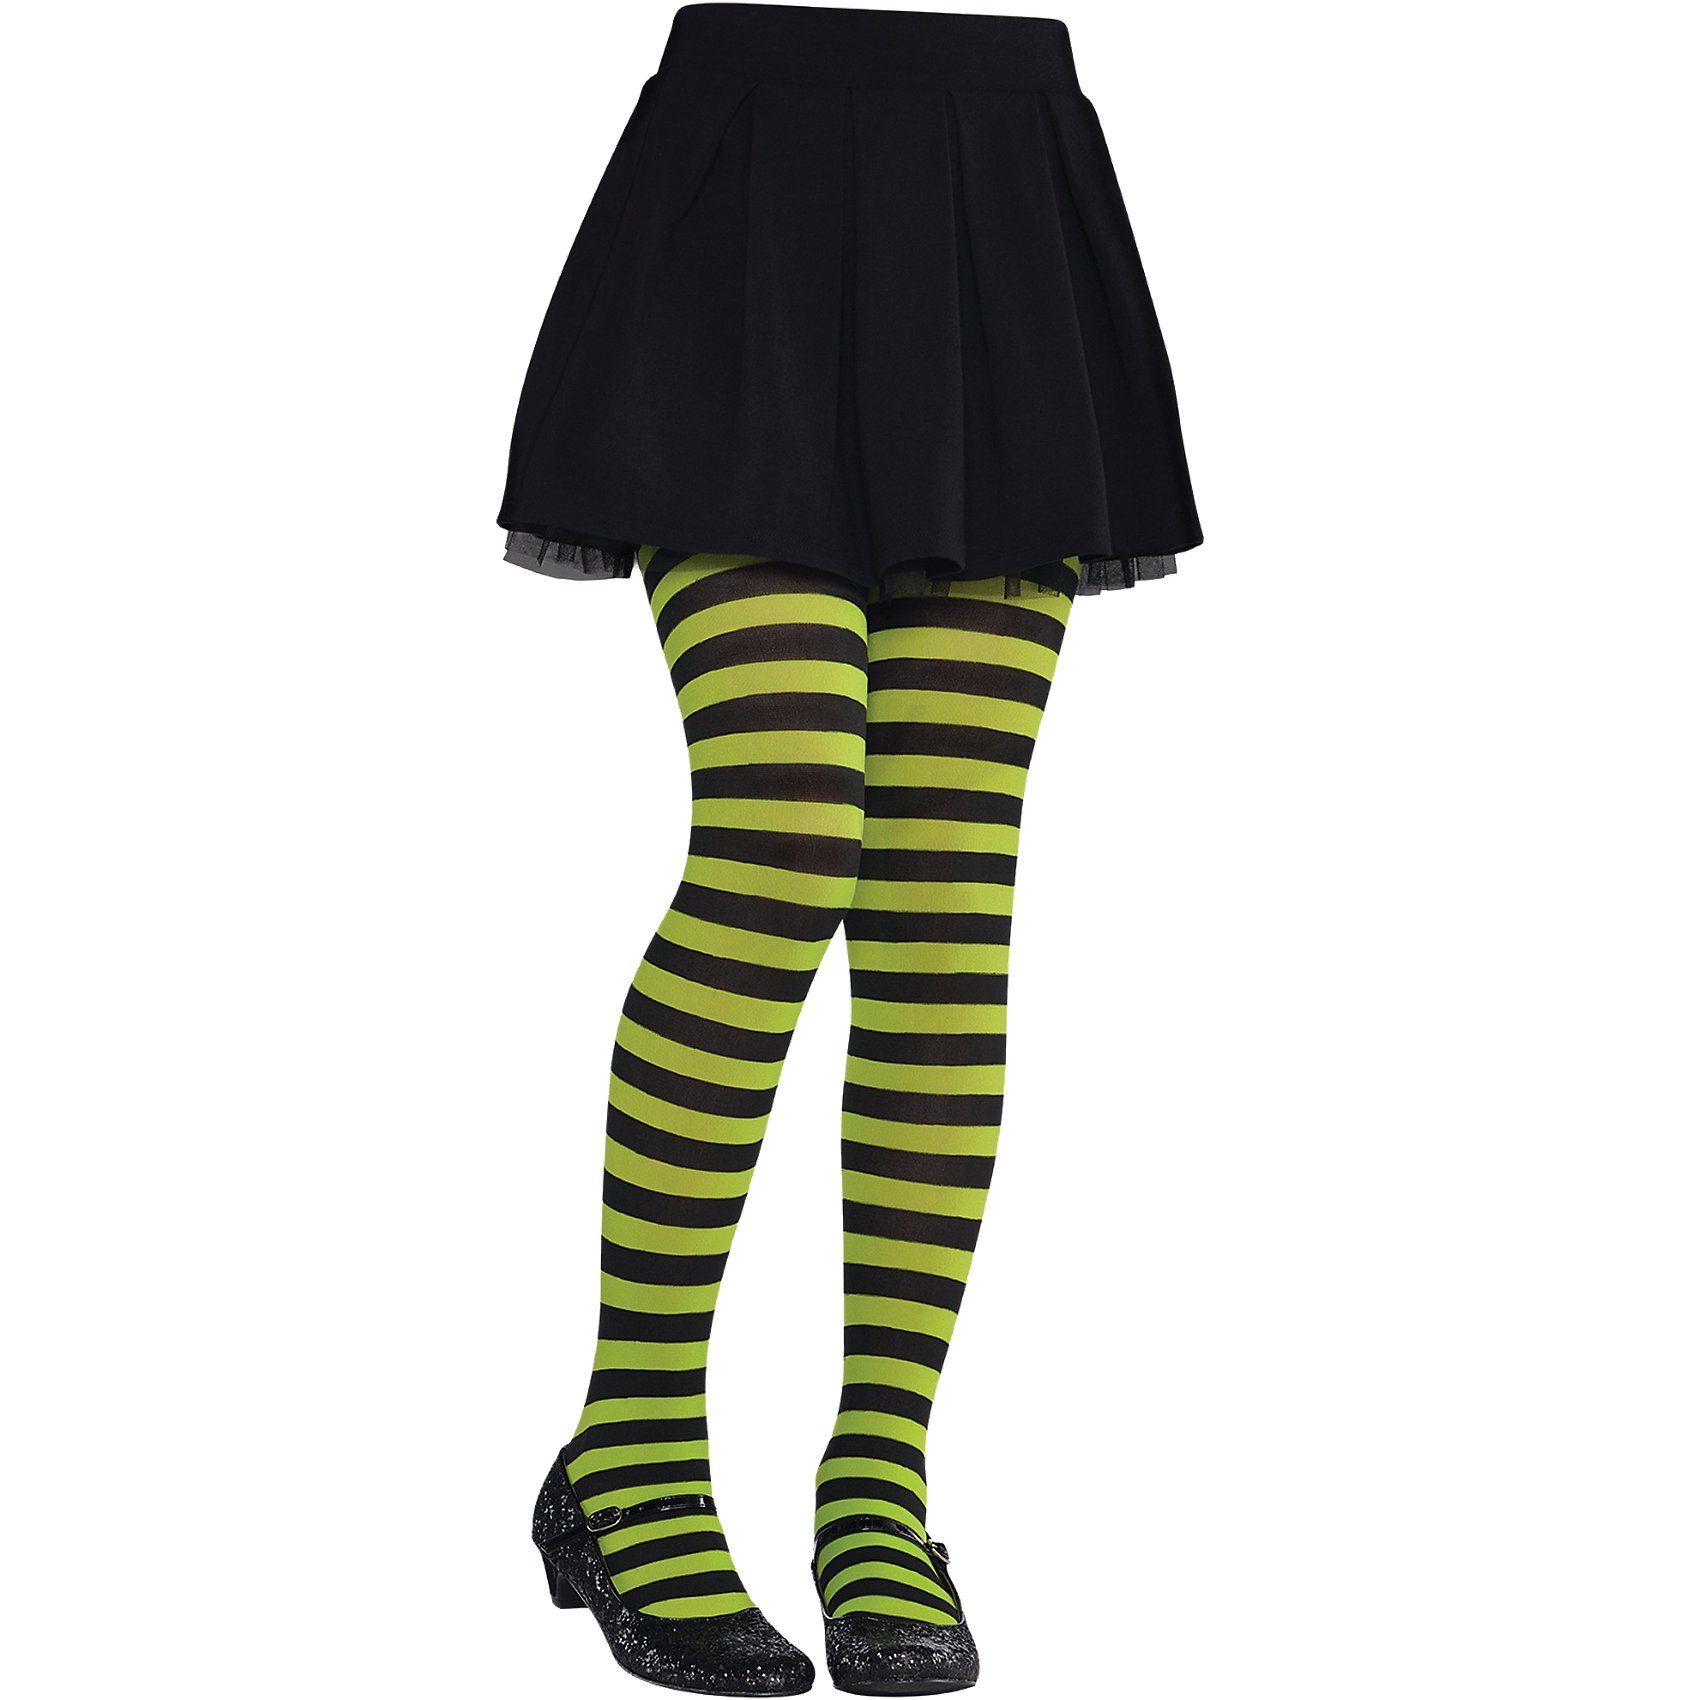 Amscan Kinder-Strumpfhose grün-schwarz-gestreift